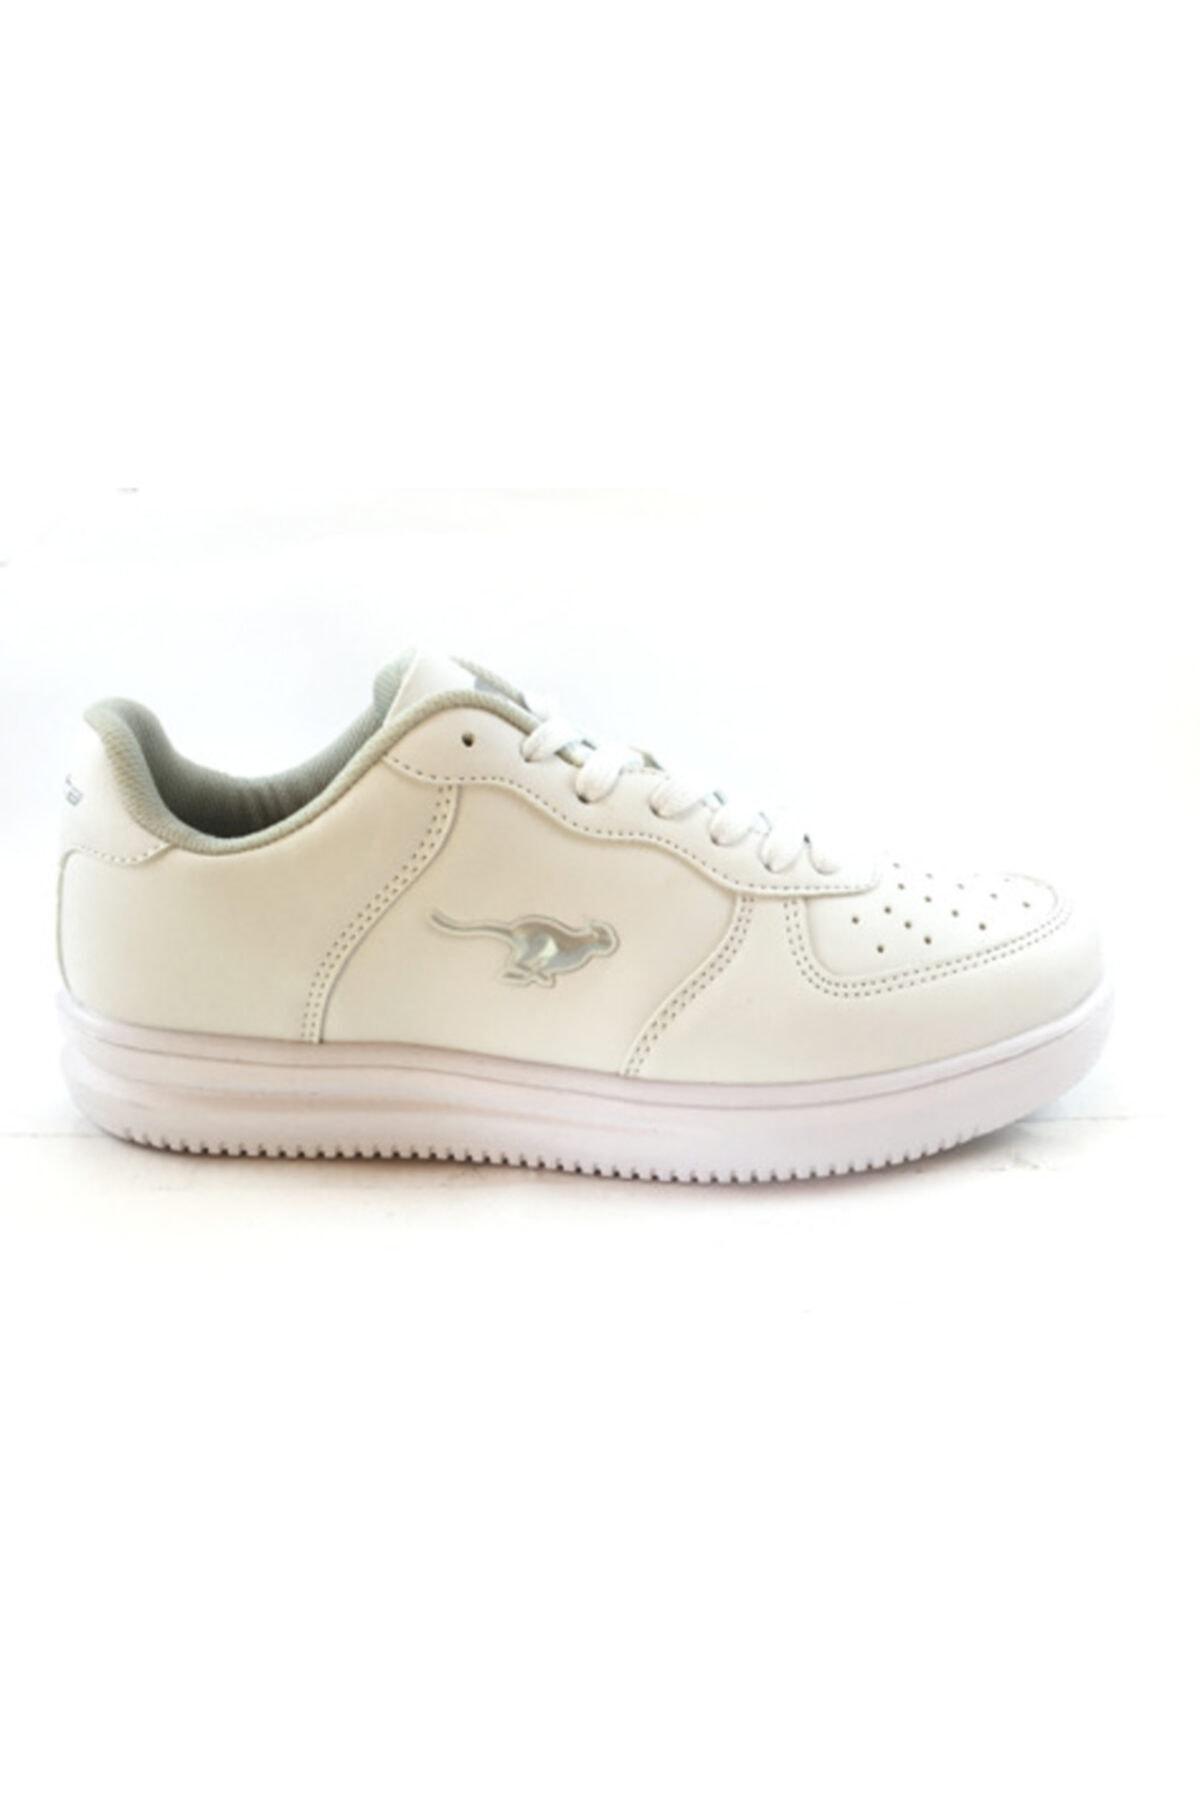 Cheta Unisex Beyaz Ortopedik Comfort Cilt Spor Ayakkabı 1